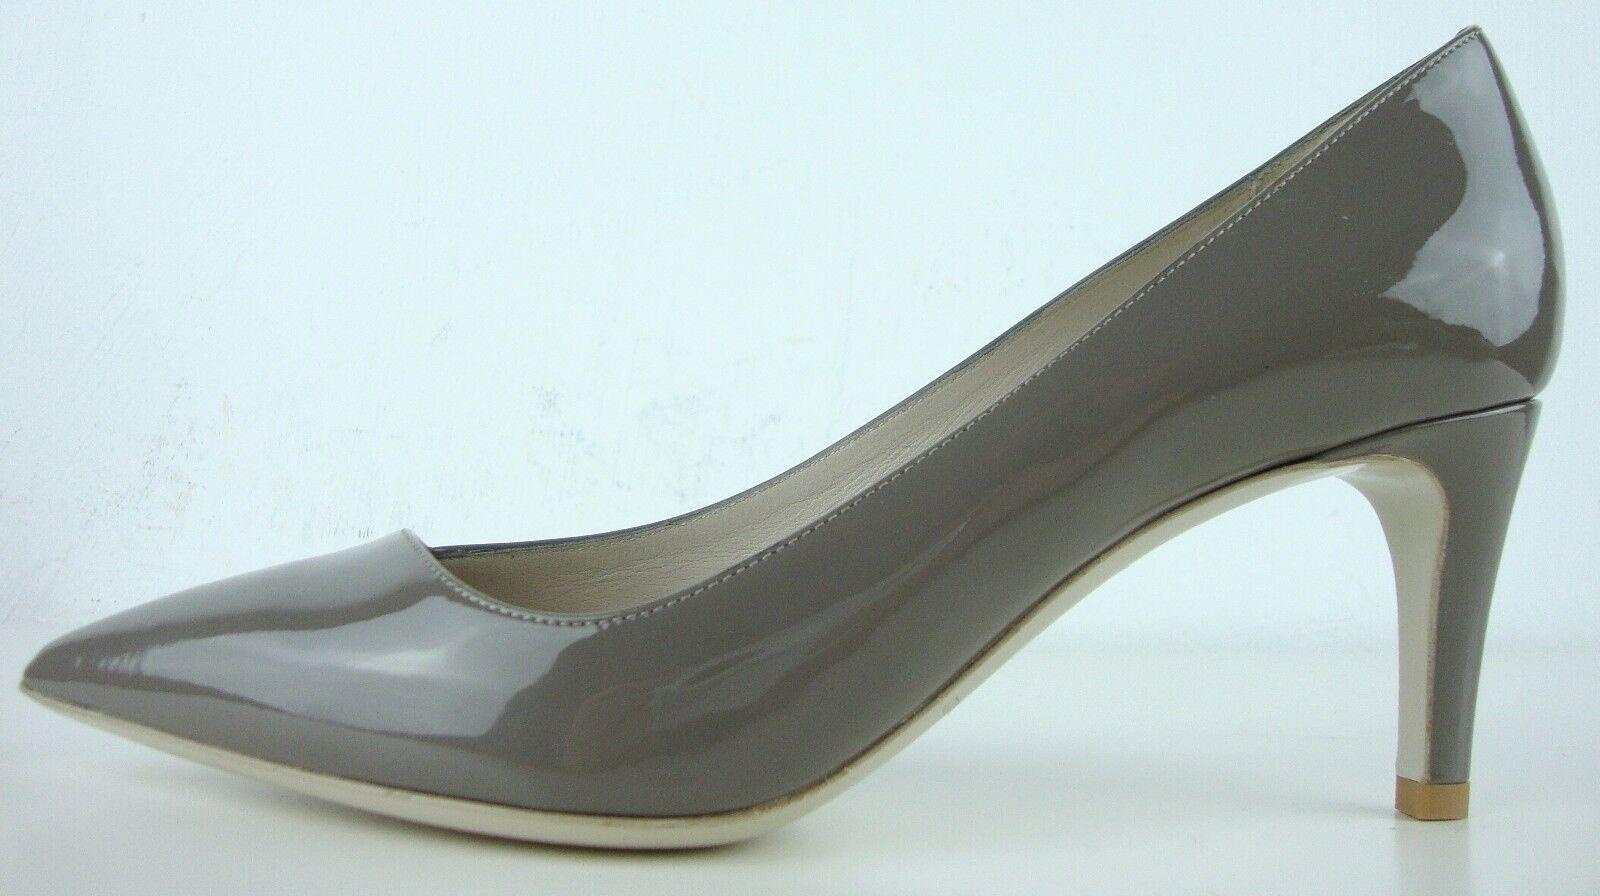 GIORGIO ARMANI Pumps Pfennigabsatz Damen Schuhe Leder LackEffekt Pfennigabsatz Pumps Gr.36 NEU 0b183c